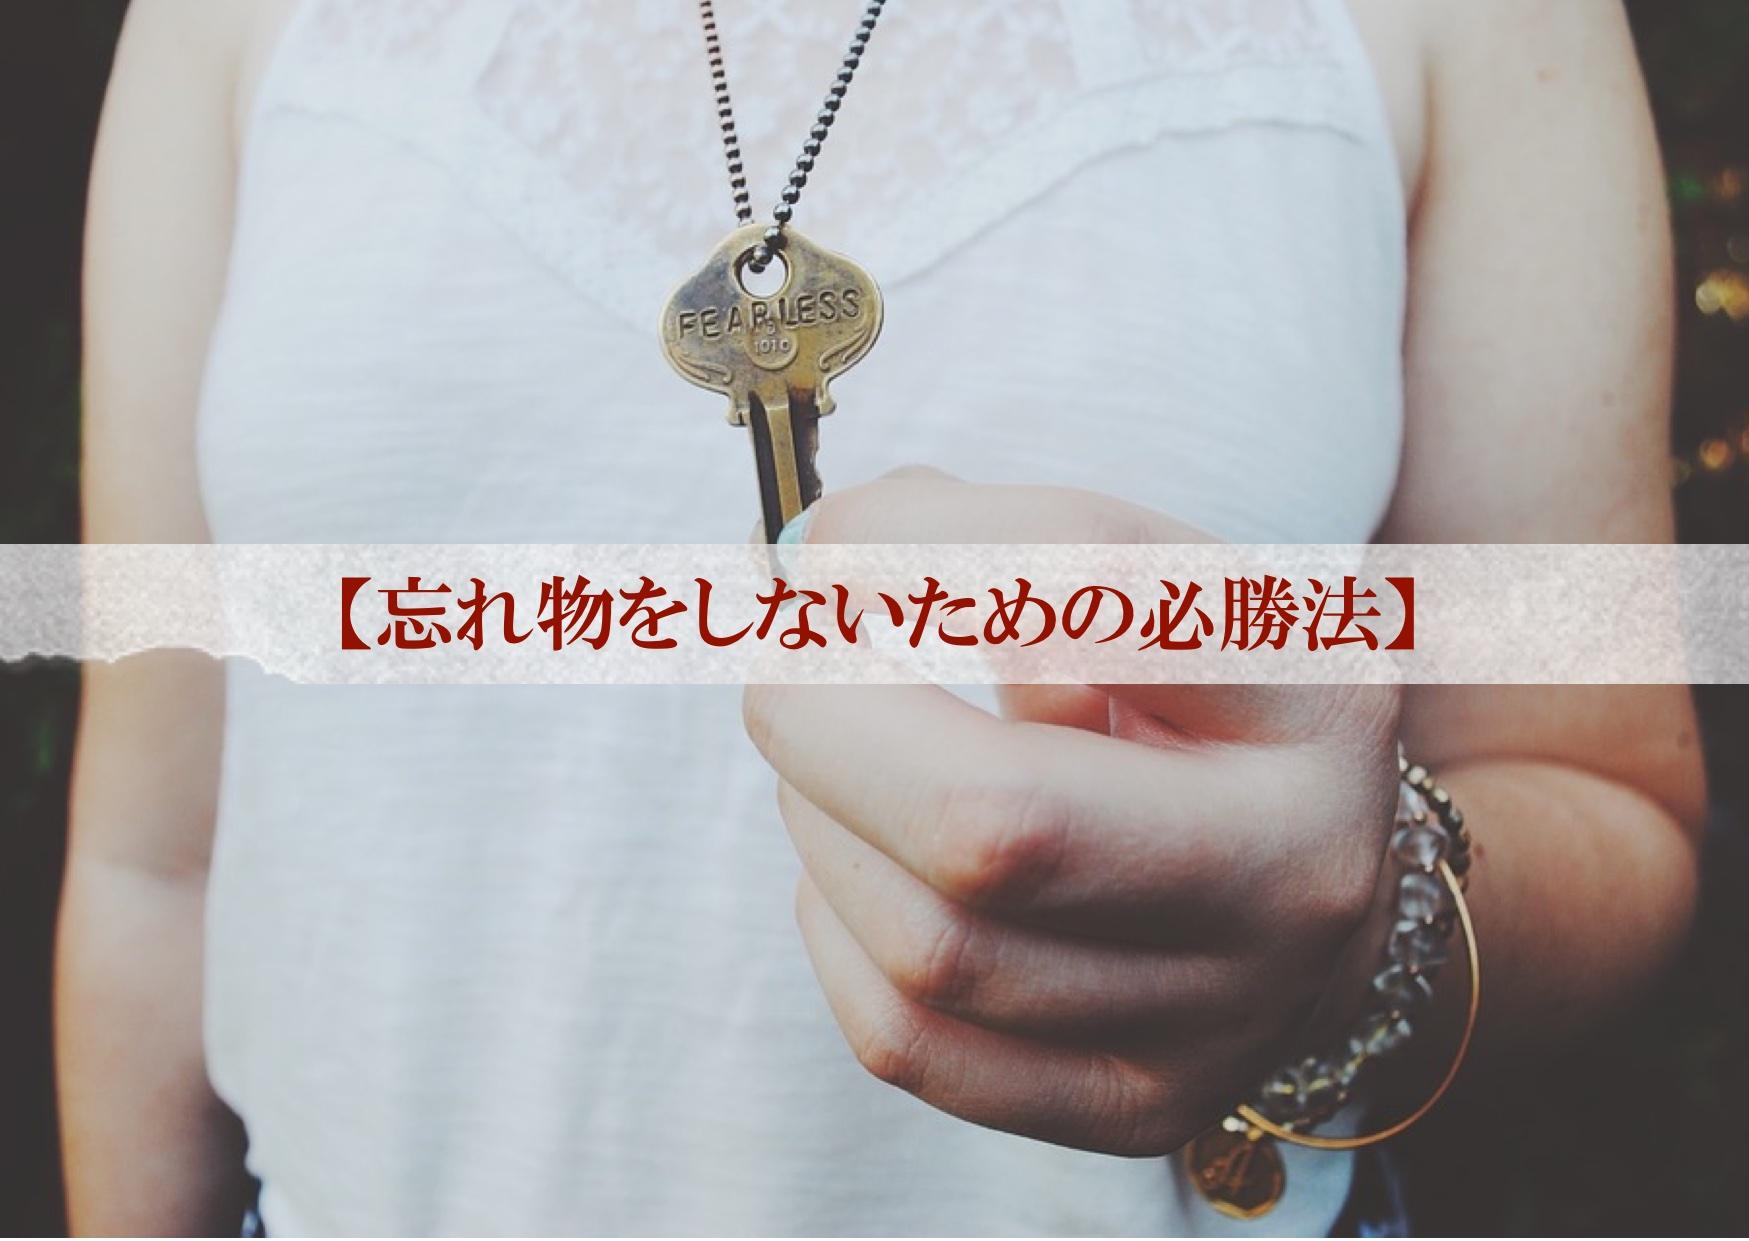 【忘れ物をしないための必勝法】